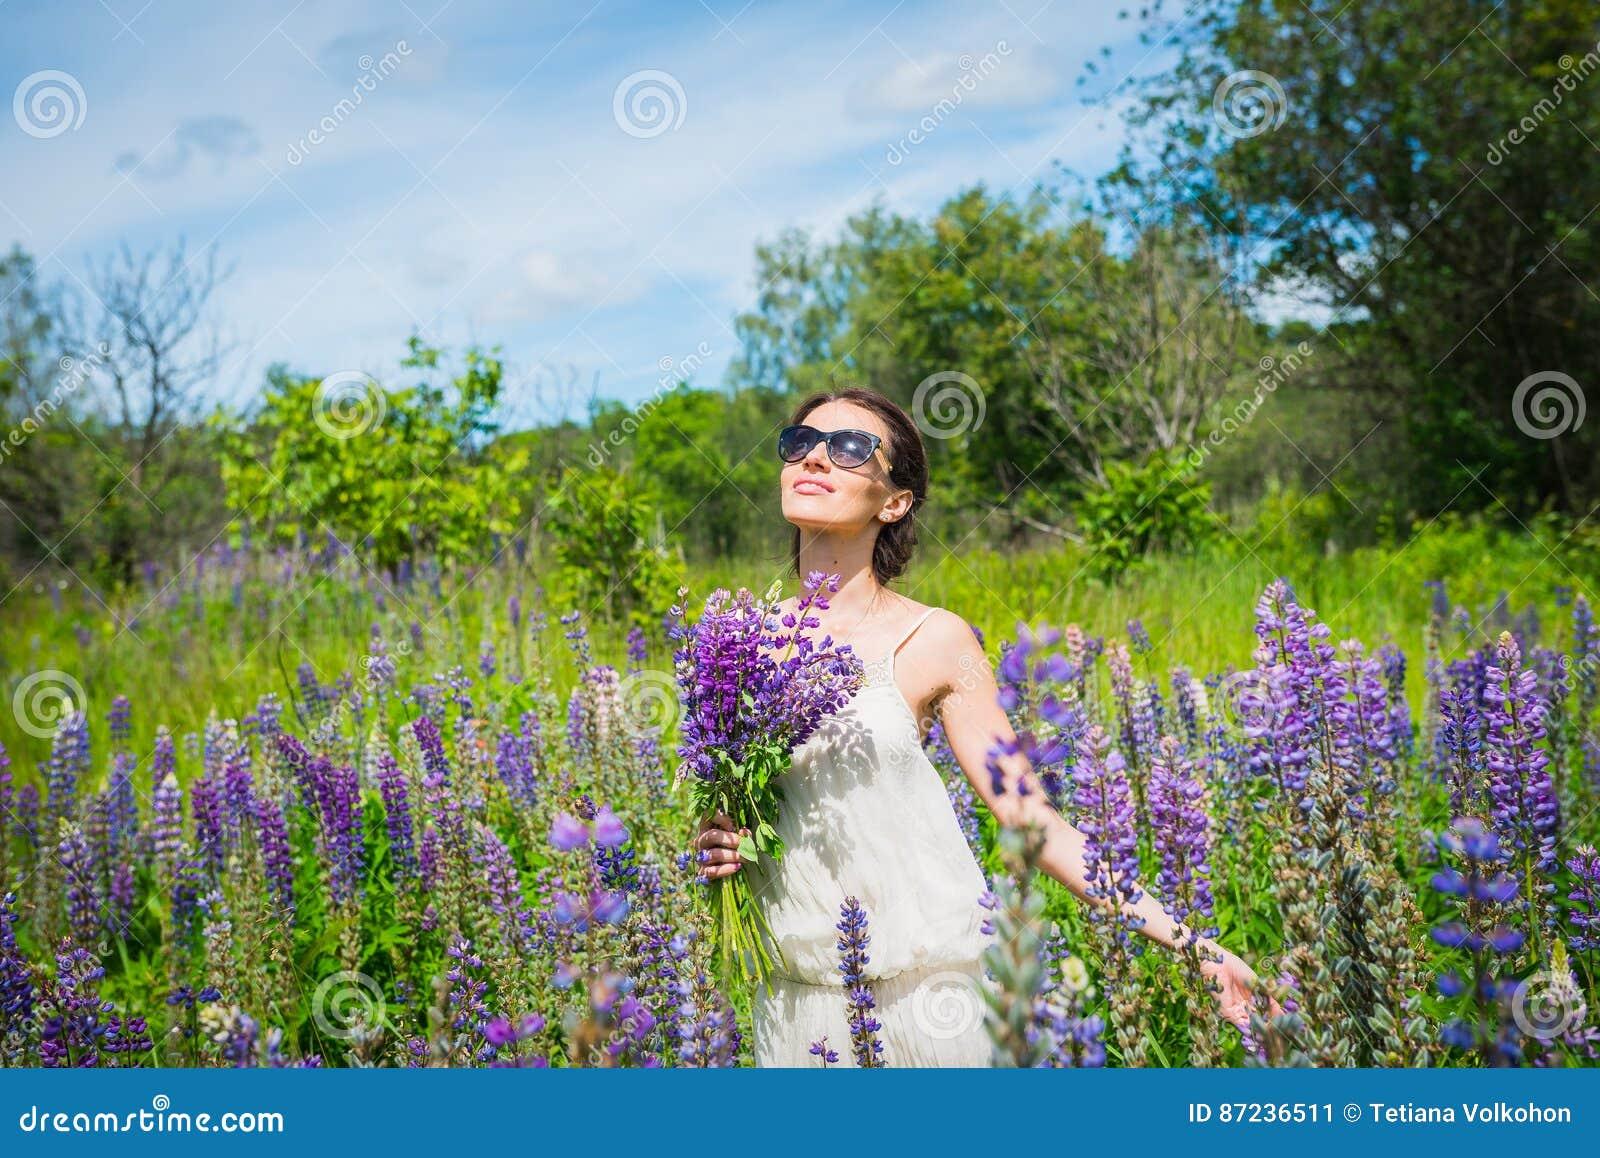 Jeune femme, heureuse, position parmi le champ des lupines violets, souriant, fleurs pourpres Ciel bleu sur le fond Été, avec